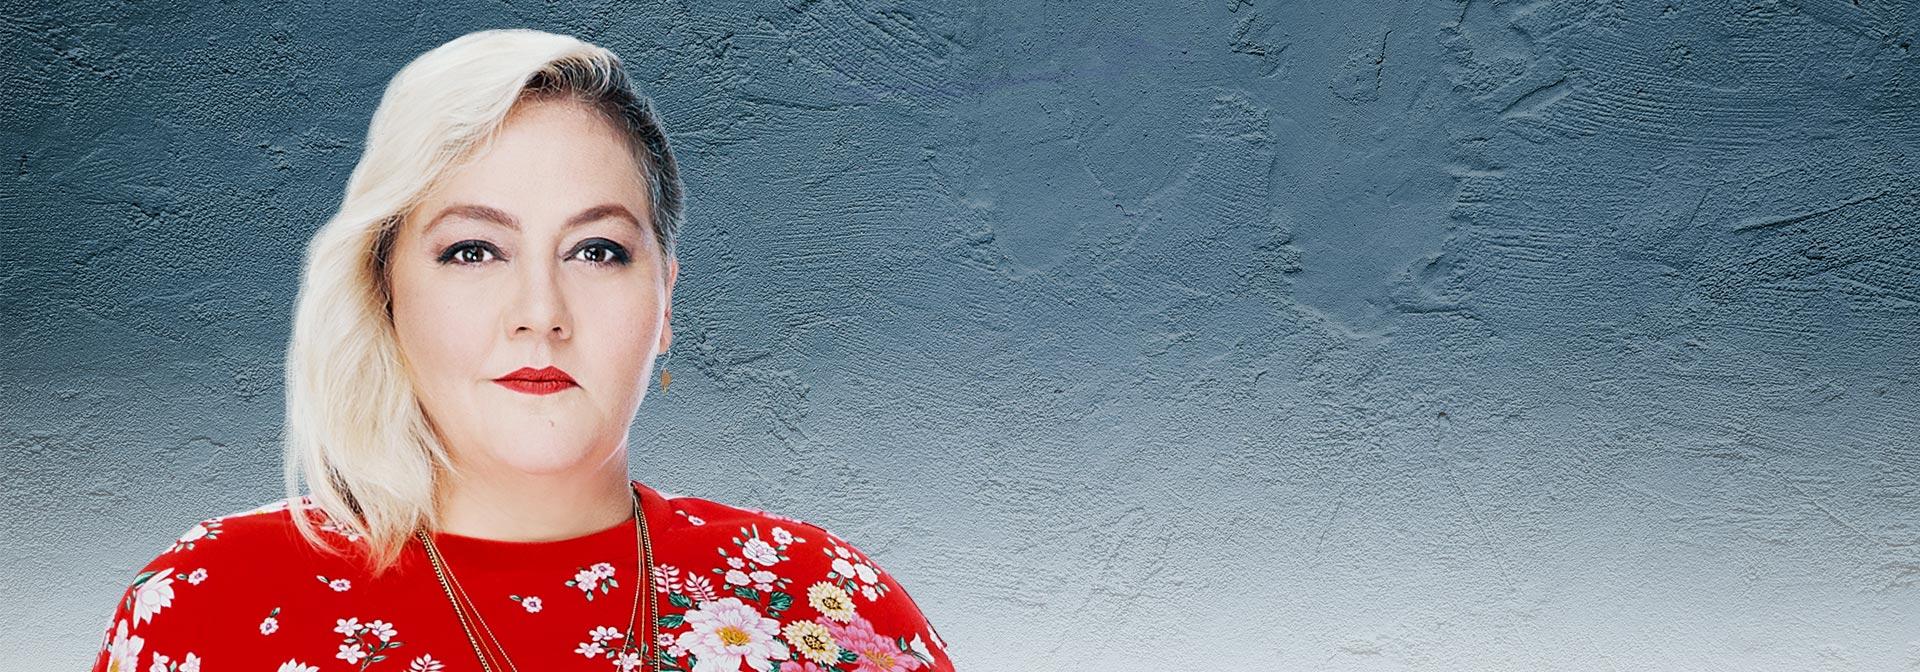 ליידי גלובס מציג: 20 האקטיביסטיות המשפיעות בישראל 2018 - חן אריאלי / צילום: ענבל מרמרי